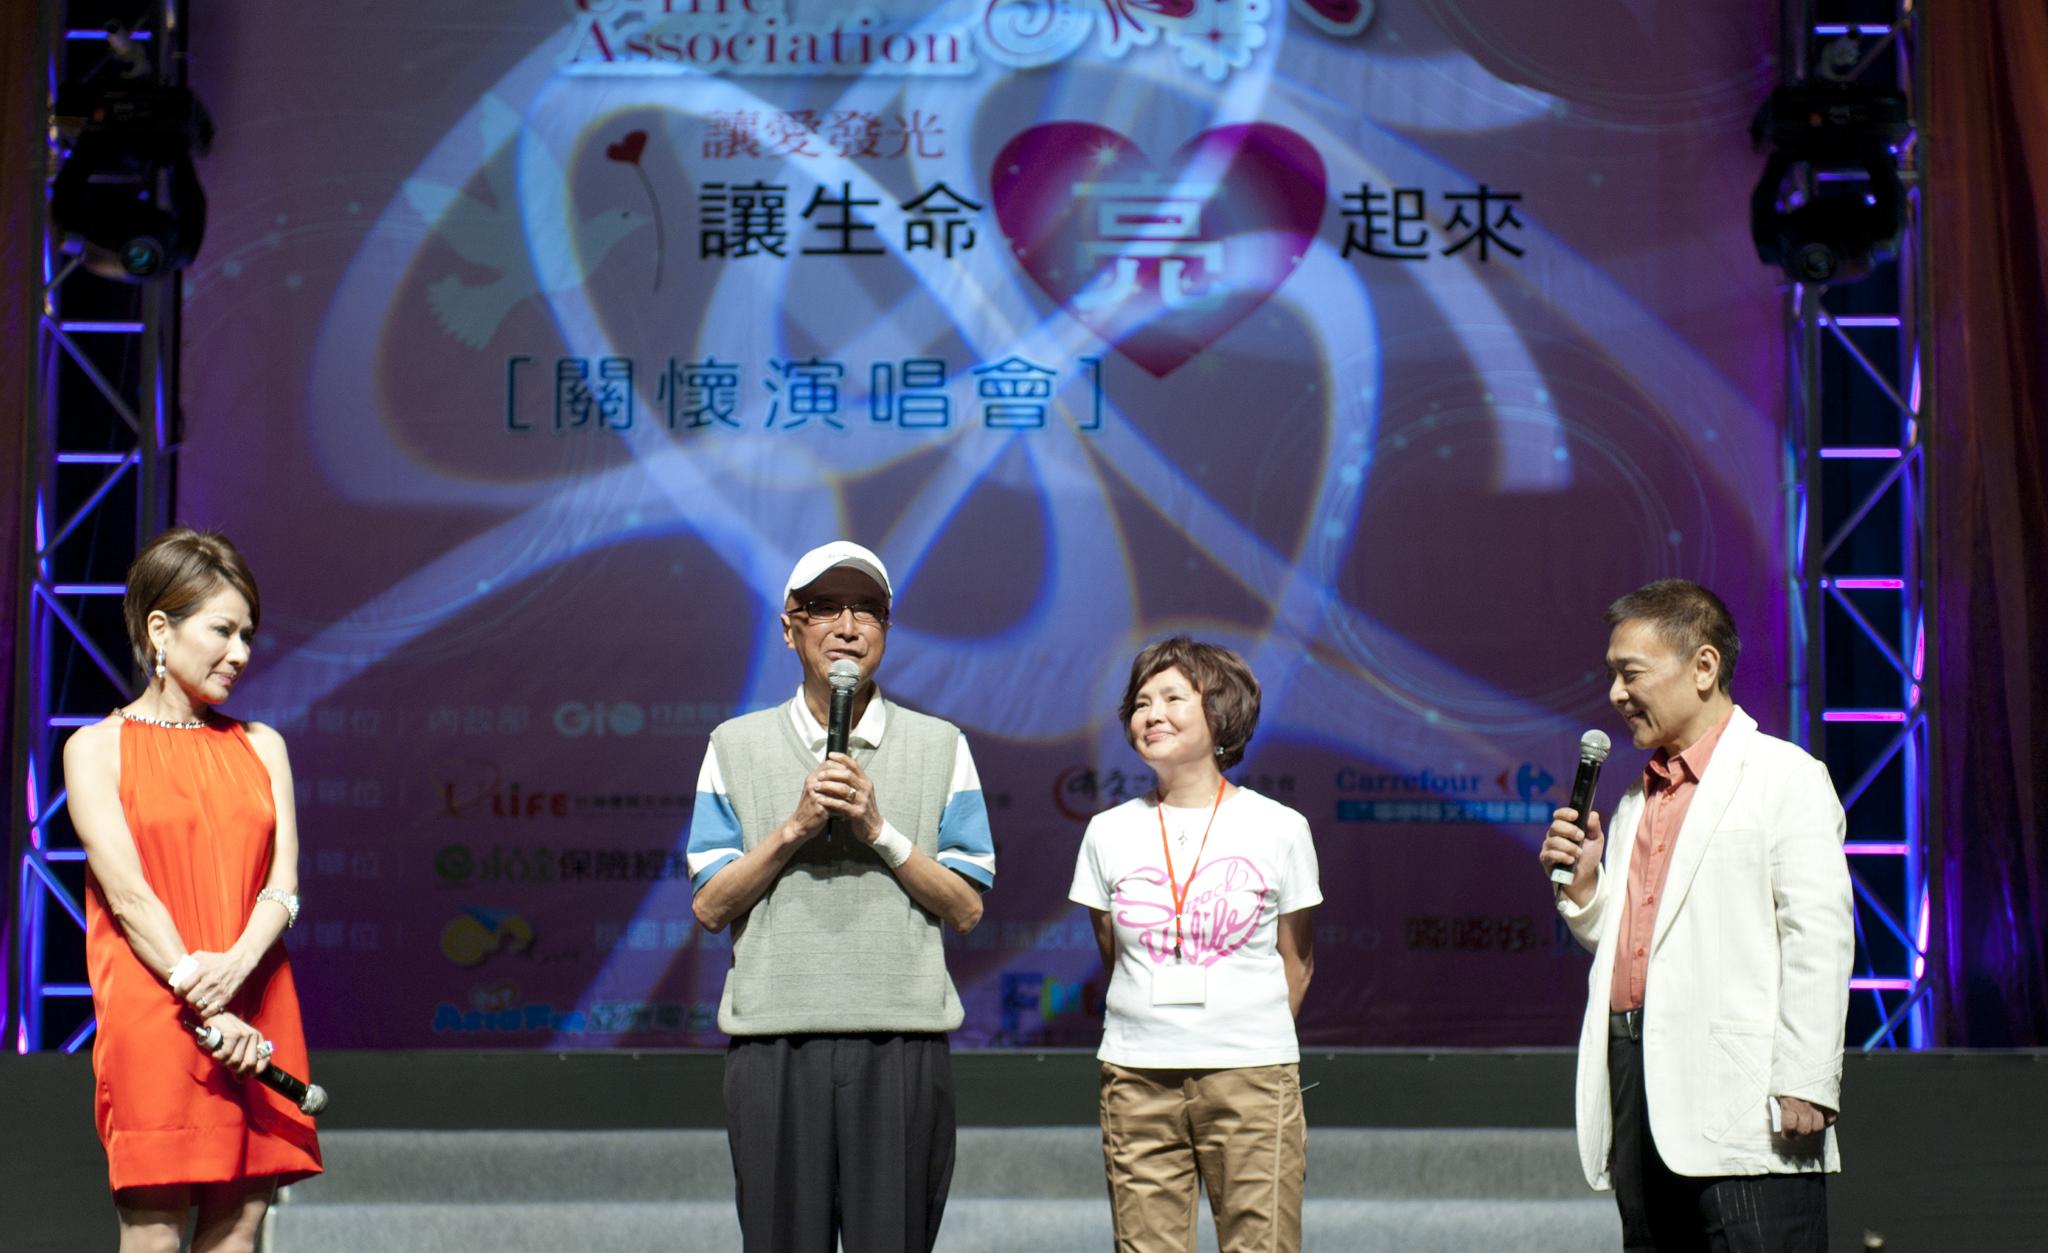 ▲台灣優質生命協會前任理事長徐風(圖左二)特地前來為弱勢朋友加油